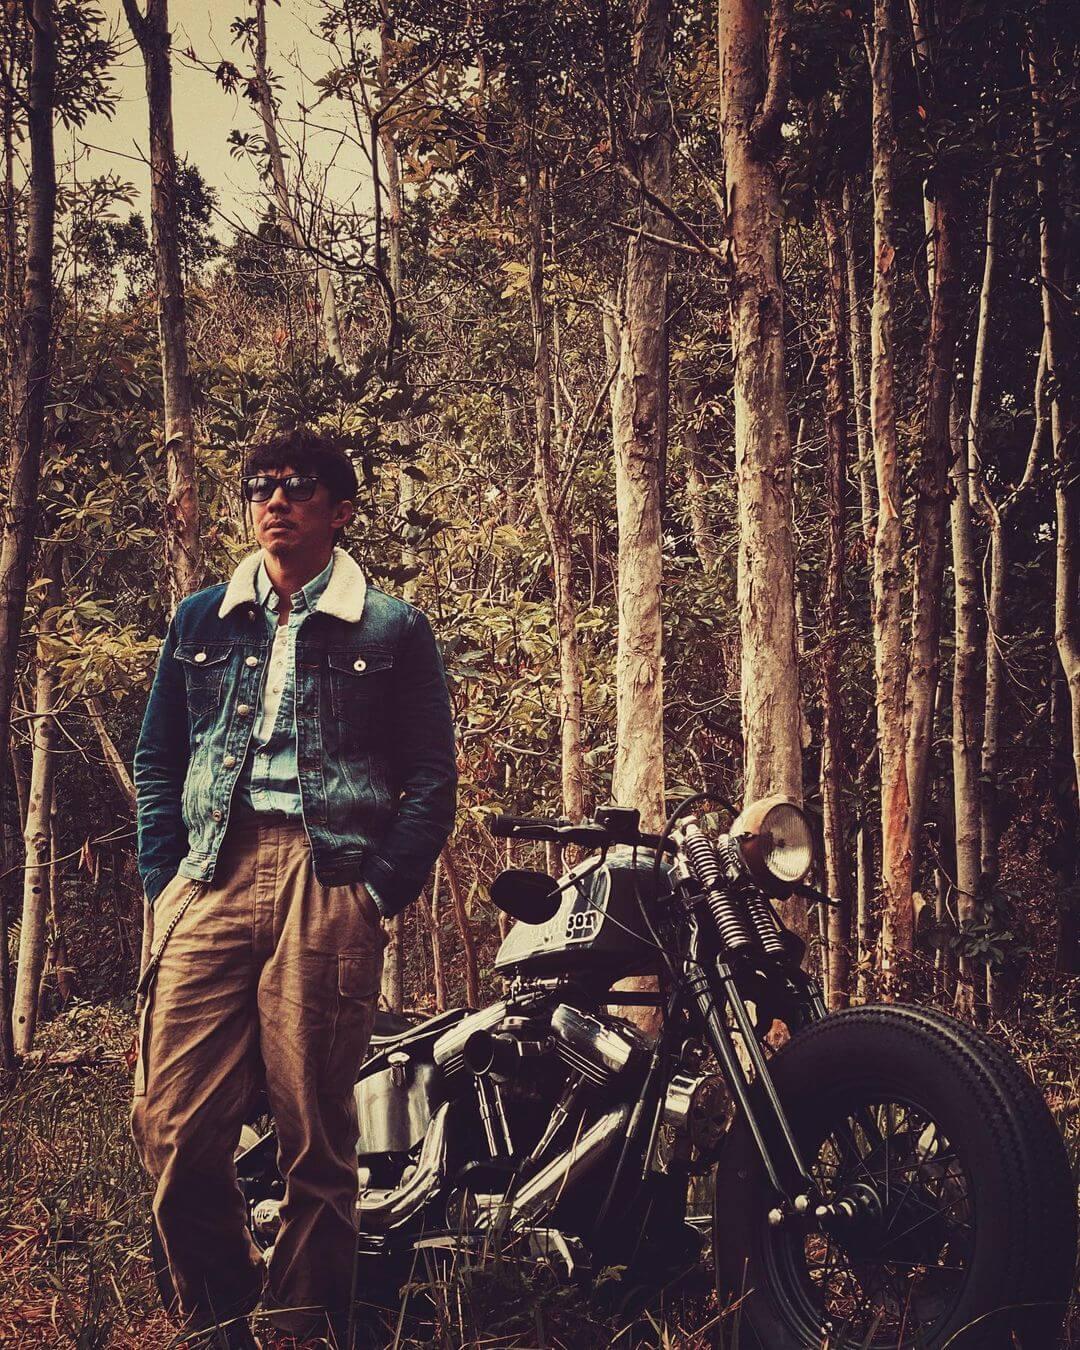 張繼聰是電單車狂,經常與愛車到處「拍拖」。